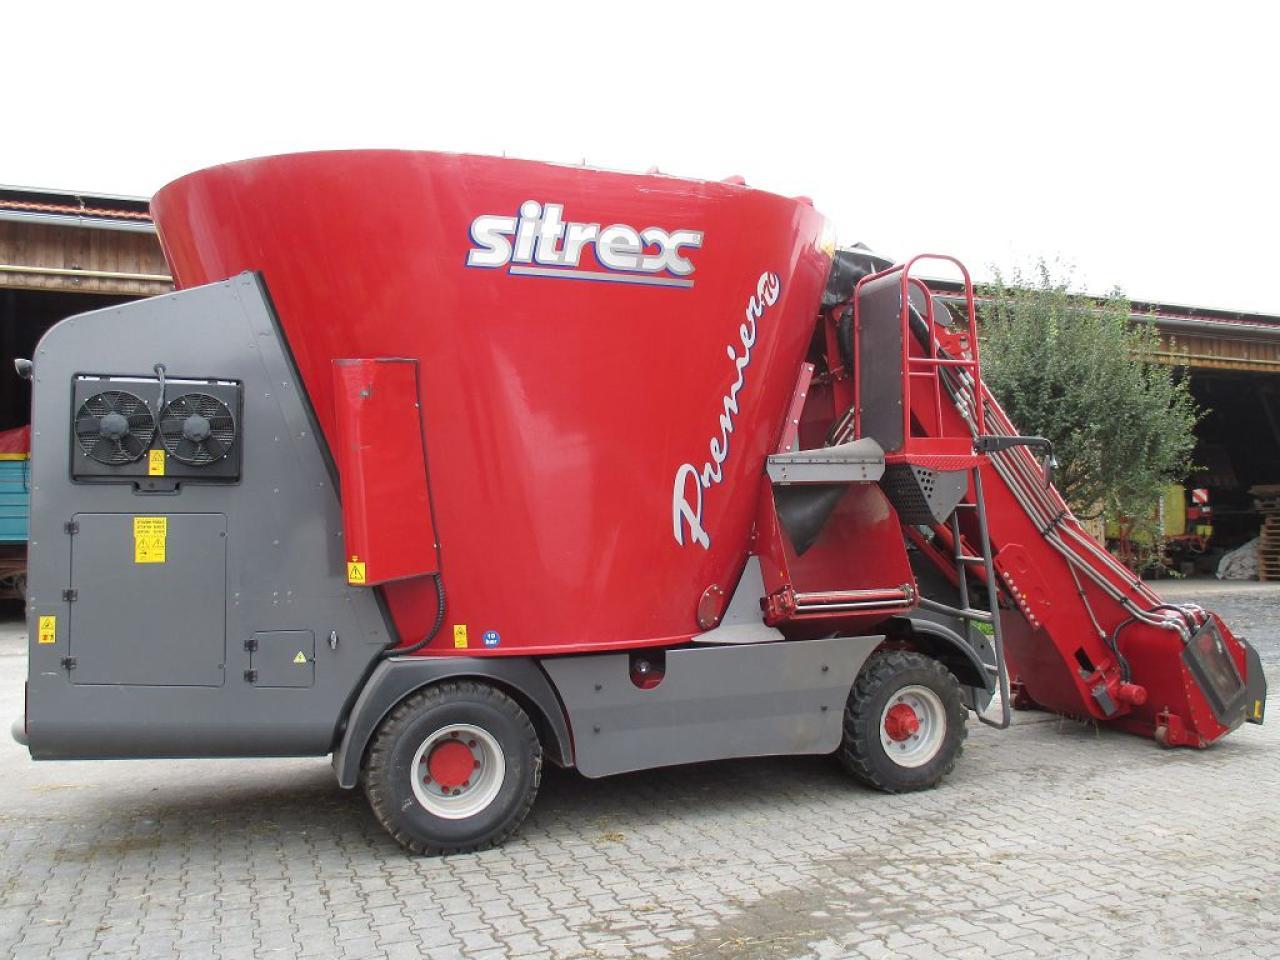 Sitrex Premier 170